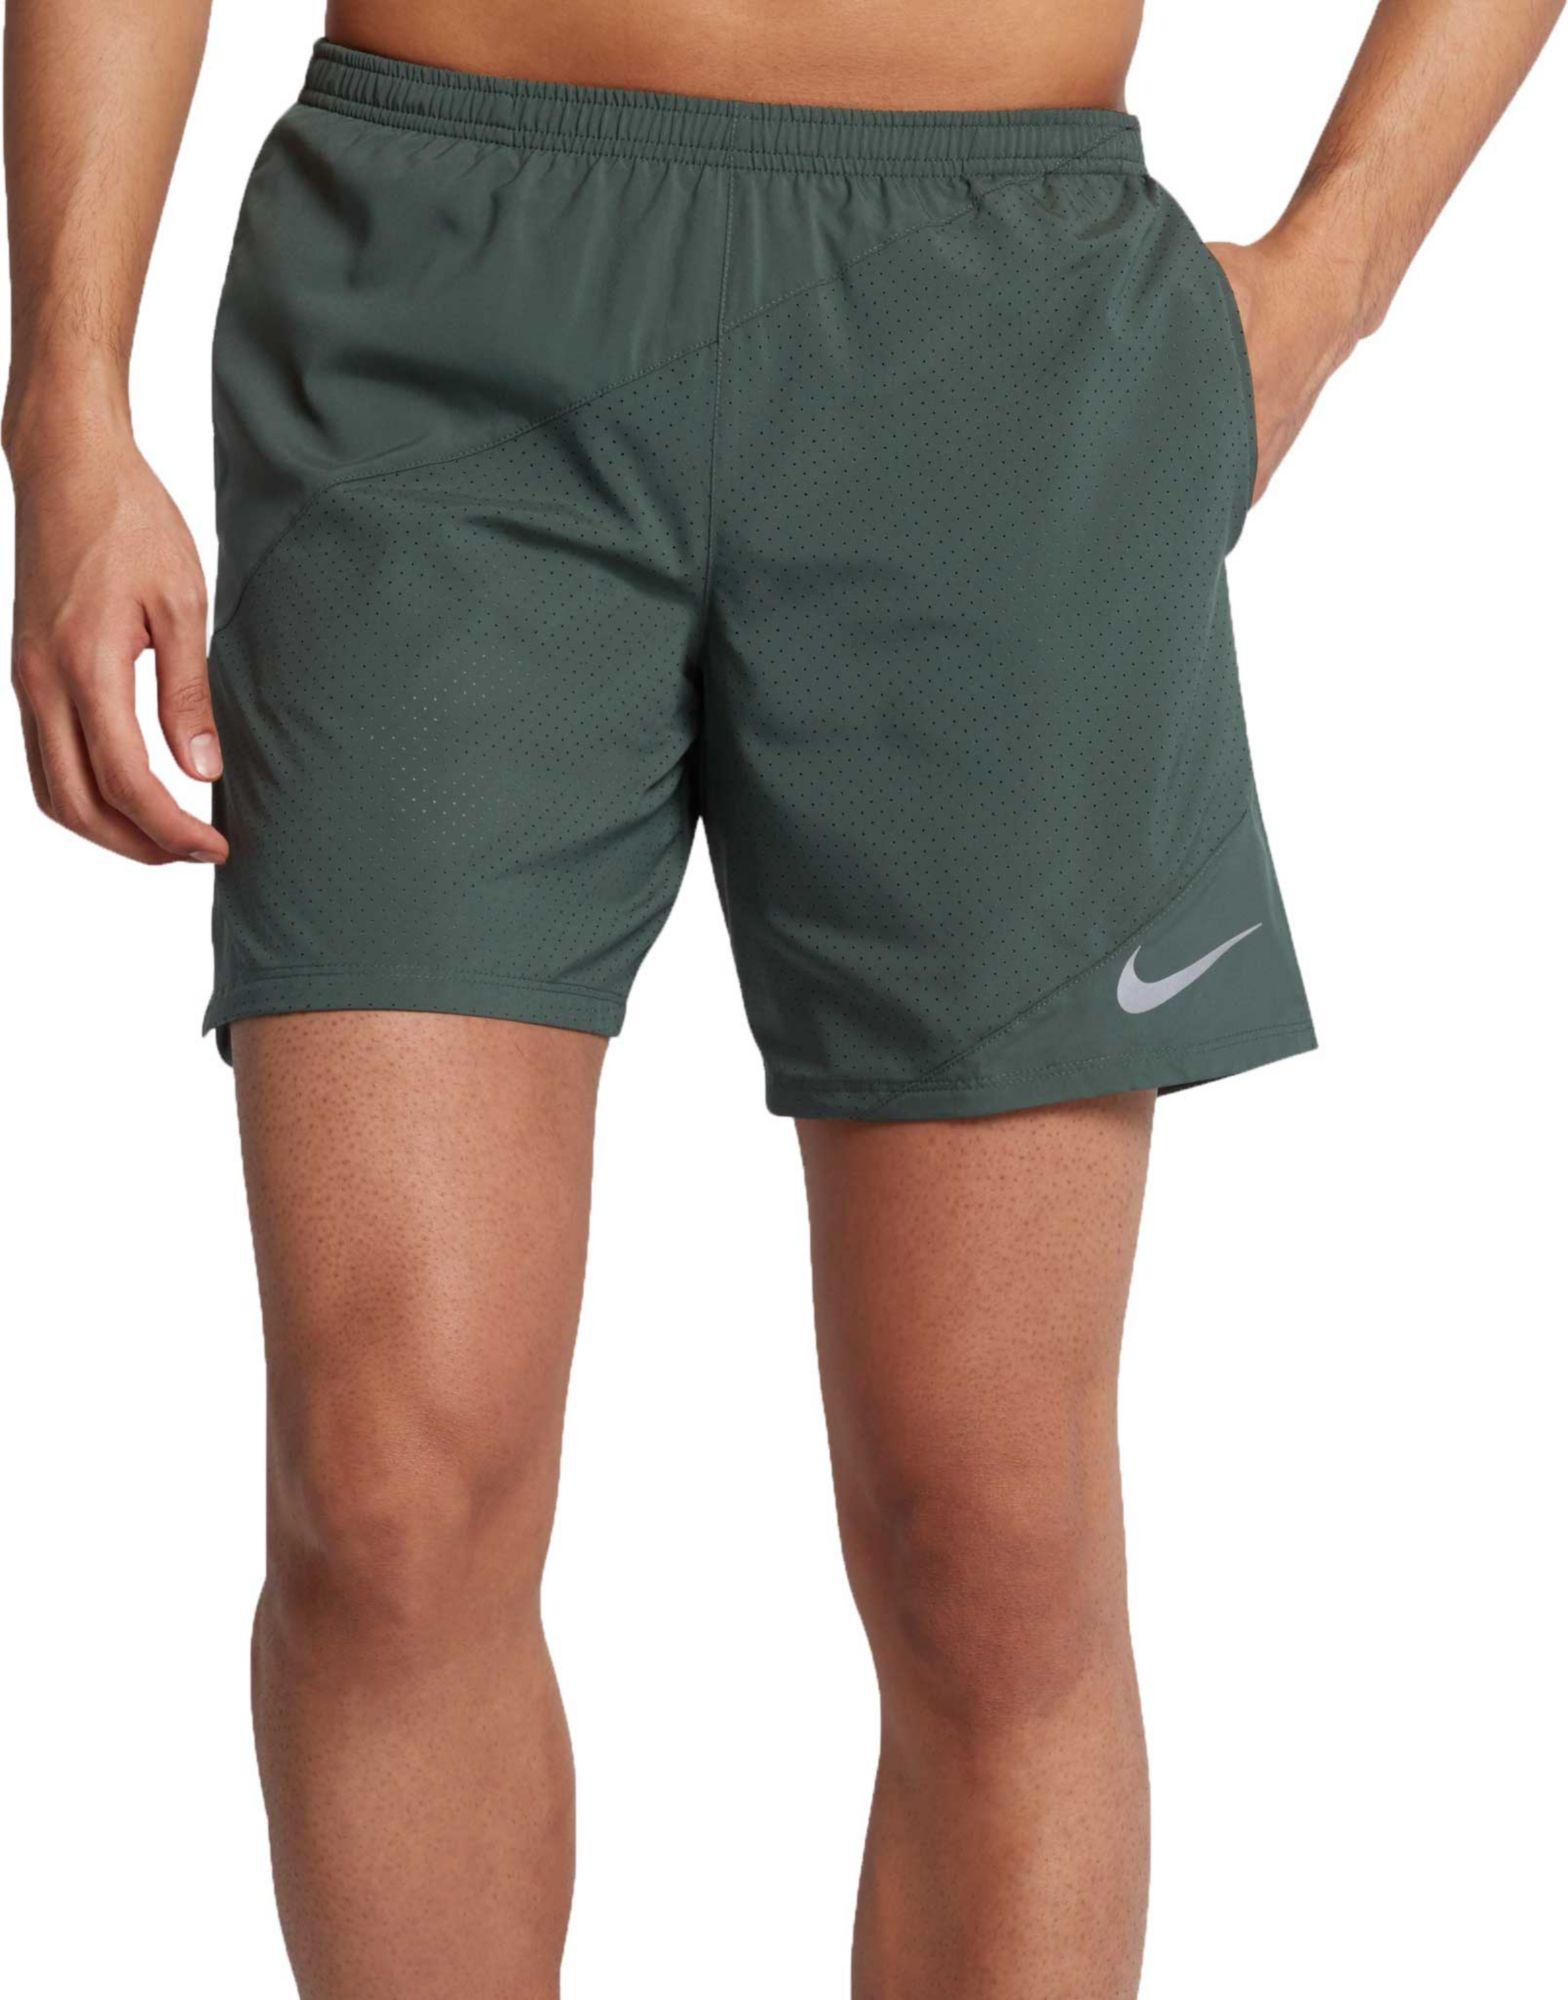 Nike Men's 7'' Flex Distance Running Shorts. 0:00. 0:00 / 0:00.  noImageFound ???